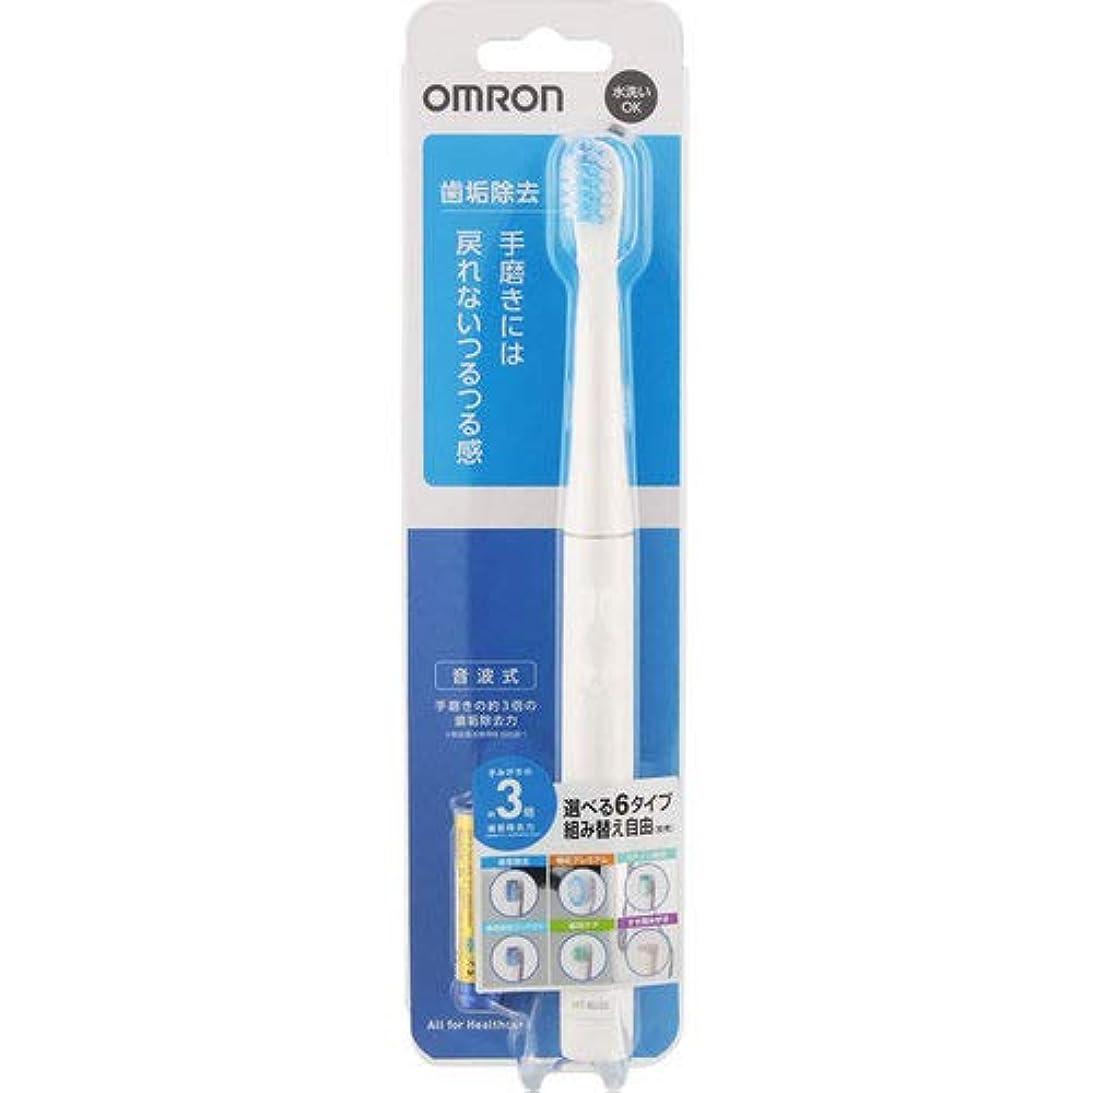 平方異常な自分を引き上げるオムロン 電動歯ブラシ HT-B220-W ホワイト 電池式